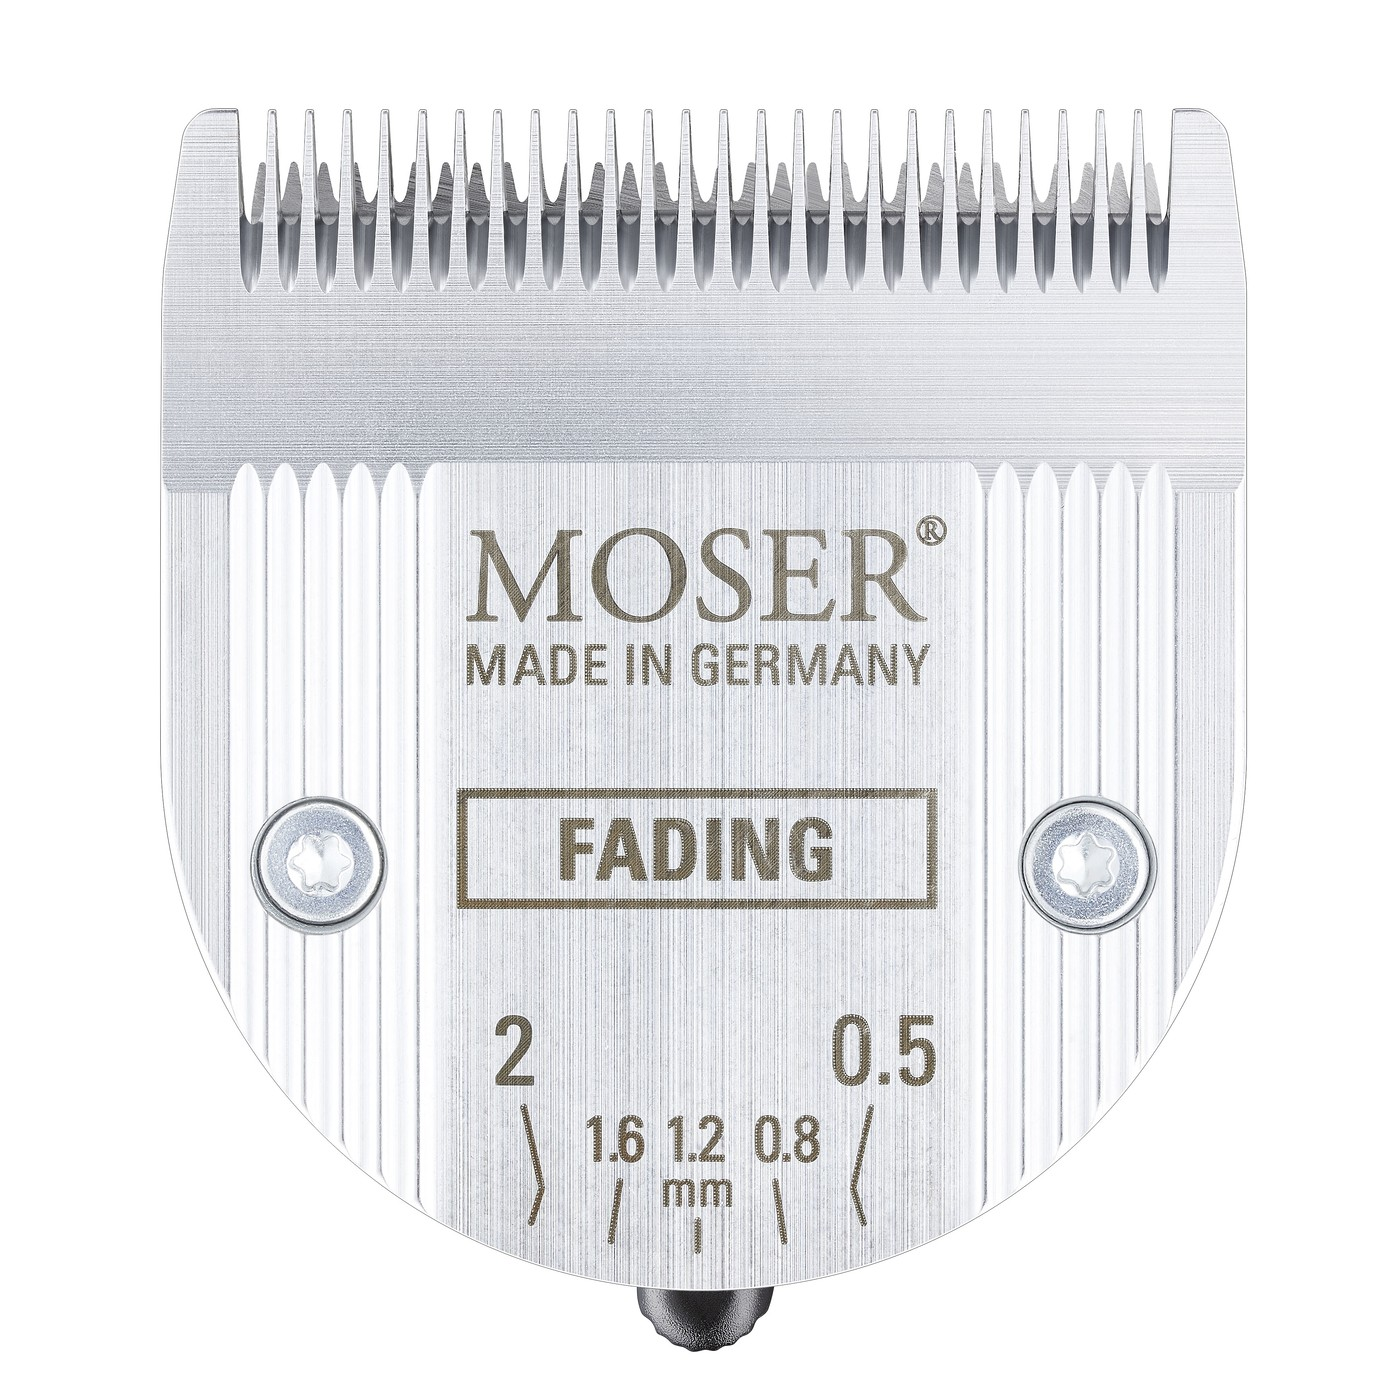 Profesionálne strihacie hlavice MOSER pre strojčeky MOSER a WAHL 1854, 1871, 1872, 1873, 1884, 1886, 1888